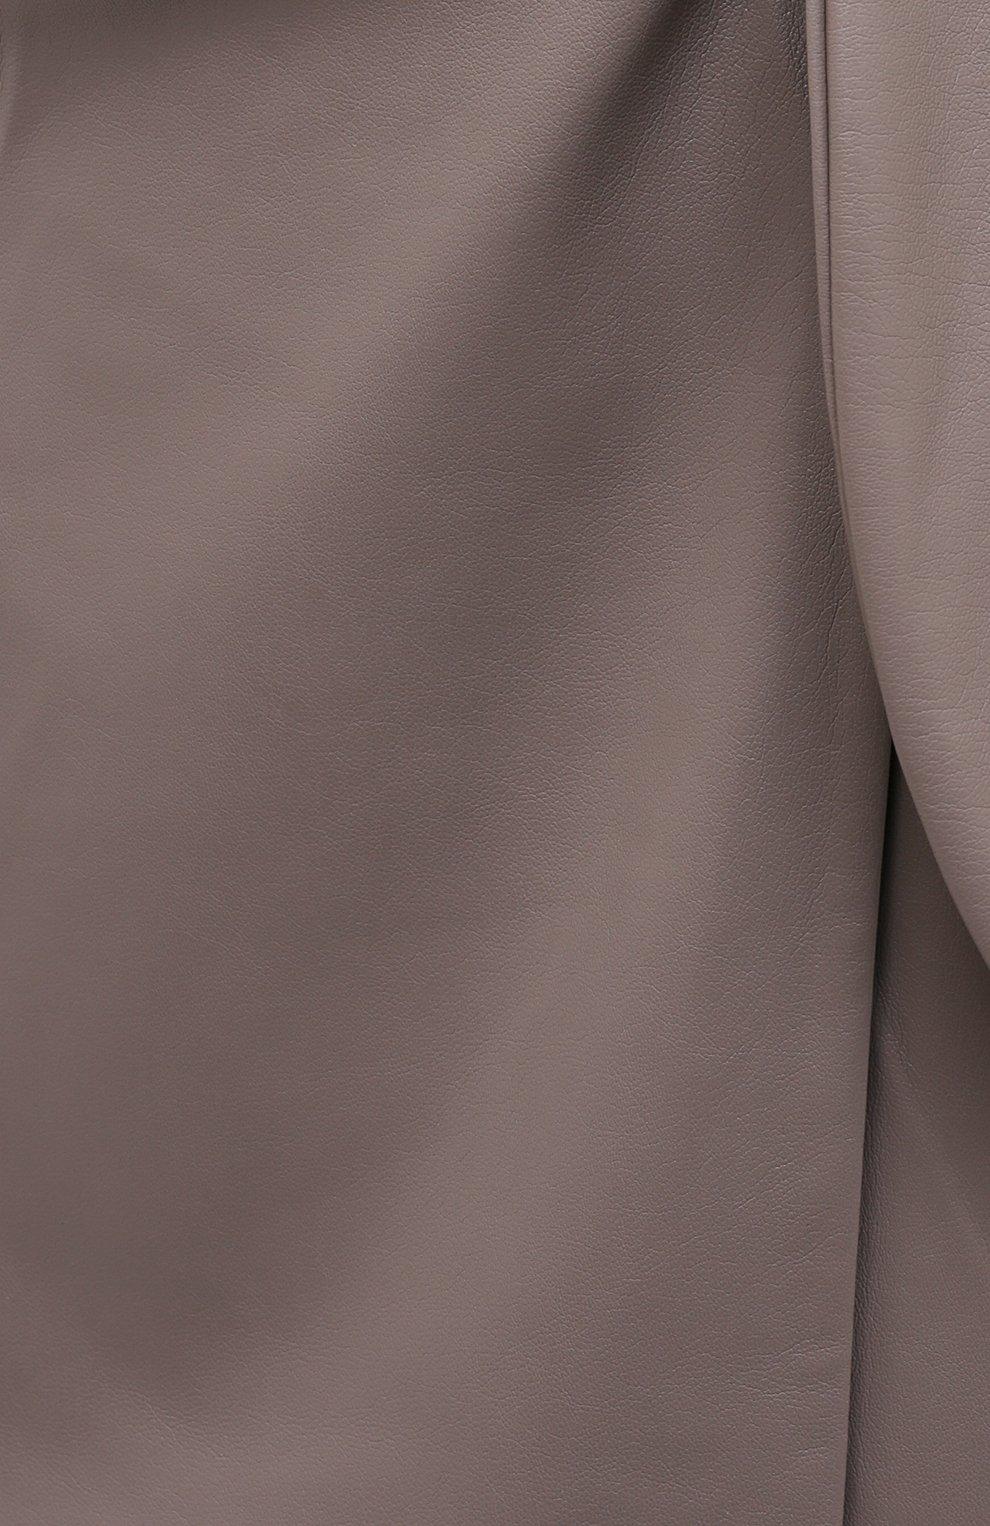 Женская юбка из экокожи NANUSHKA серого цвета, арт. AMAS_CLAY_VEGAN LEATHER | Фото 5